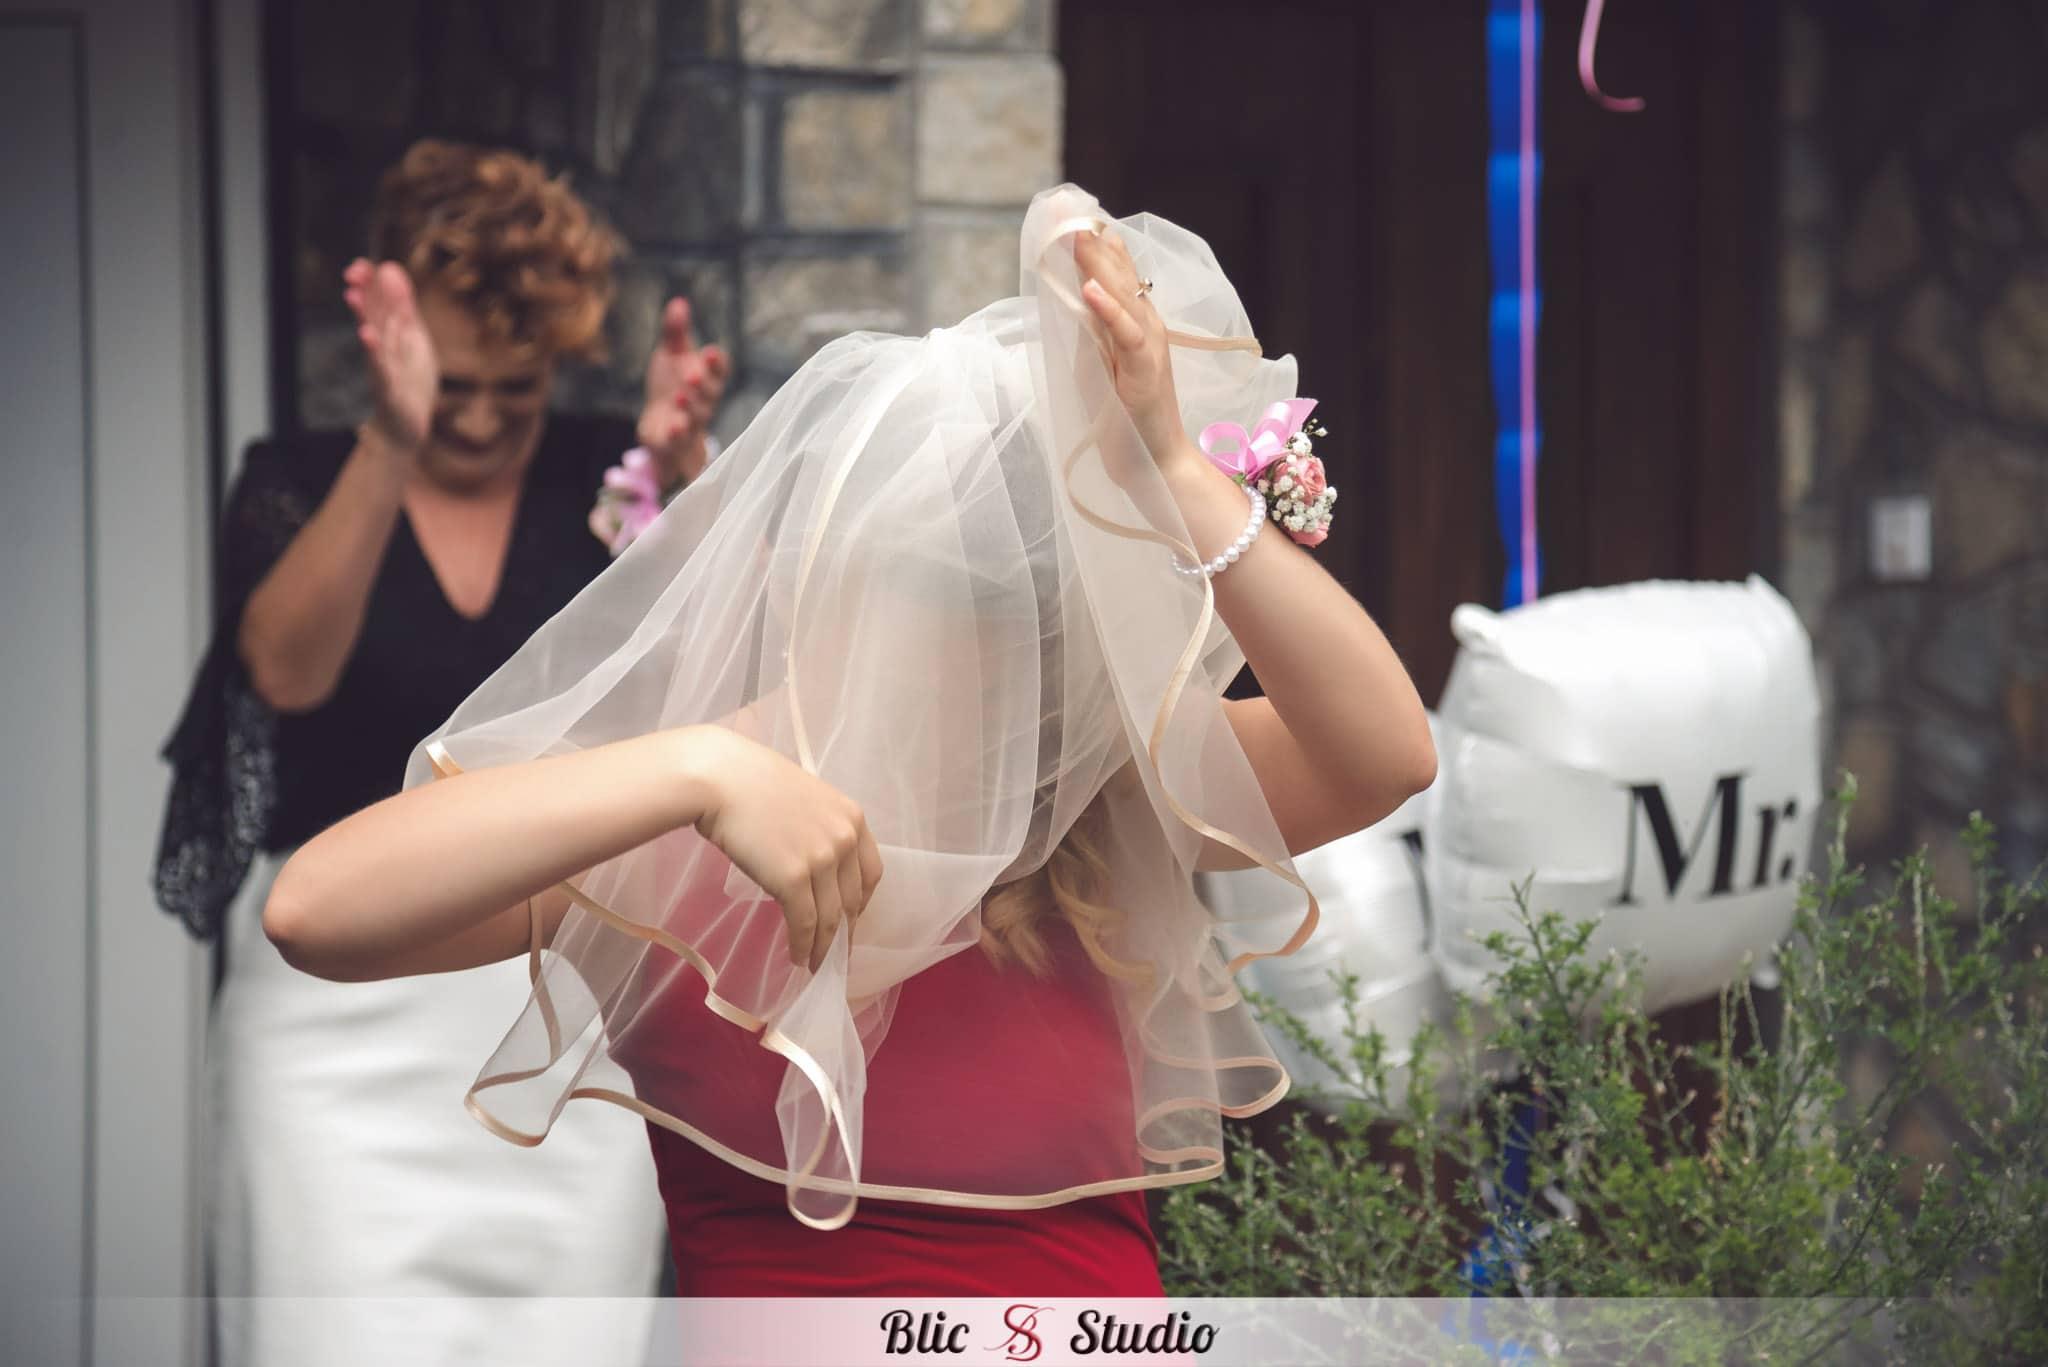 Fotograf_za_vjenčanje_foto_studio_blic_marincel (33)